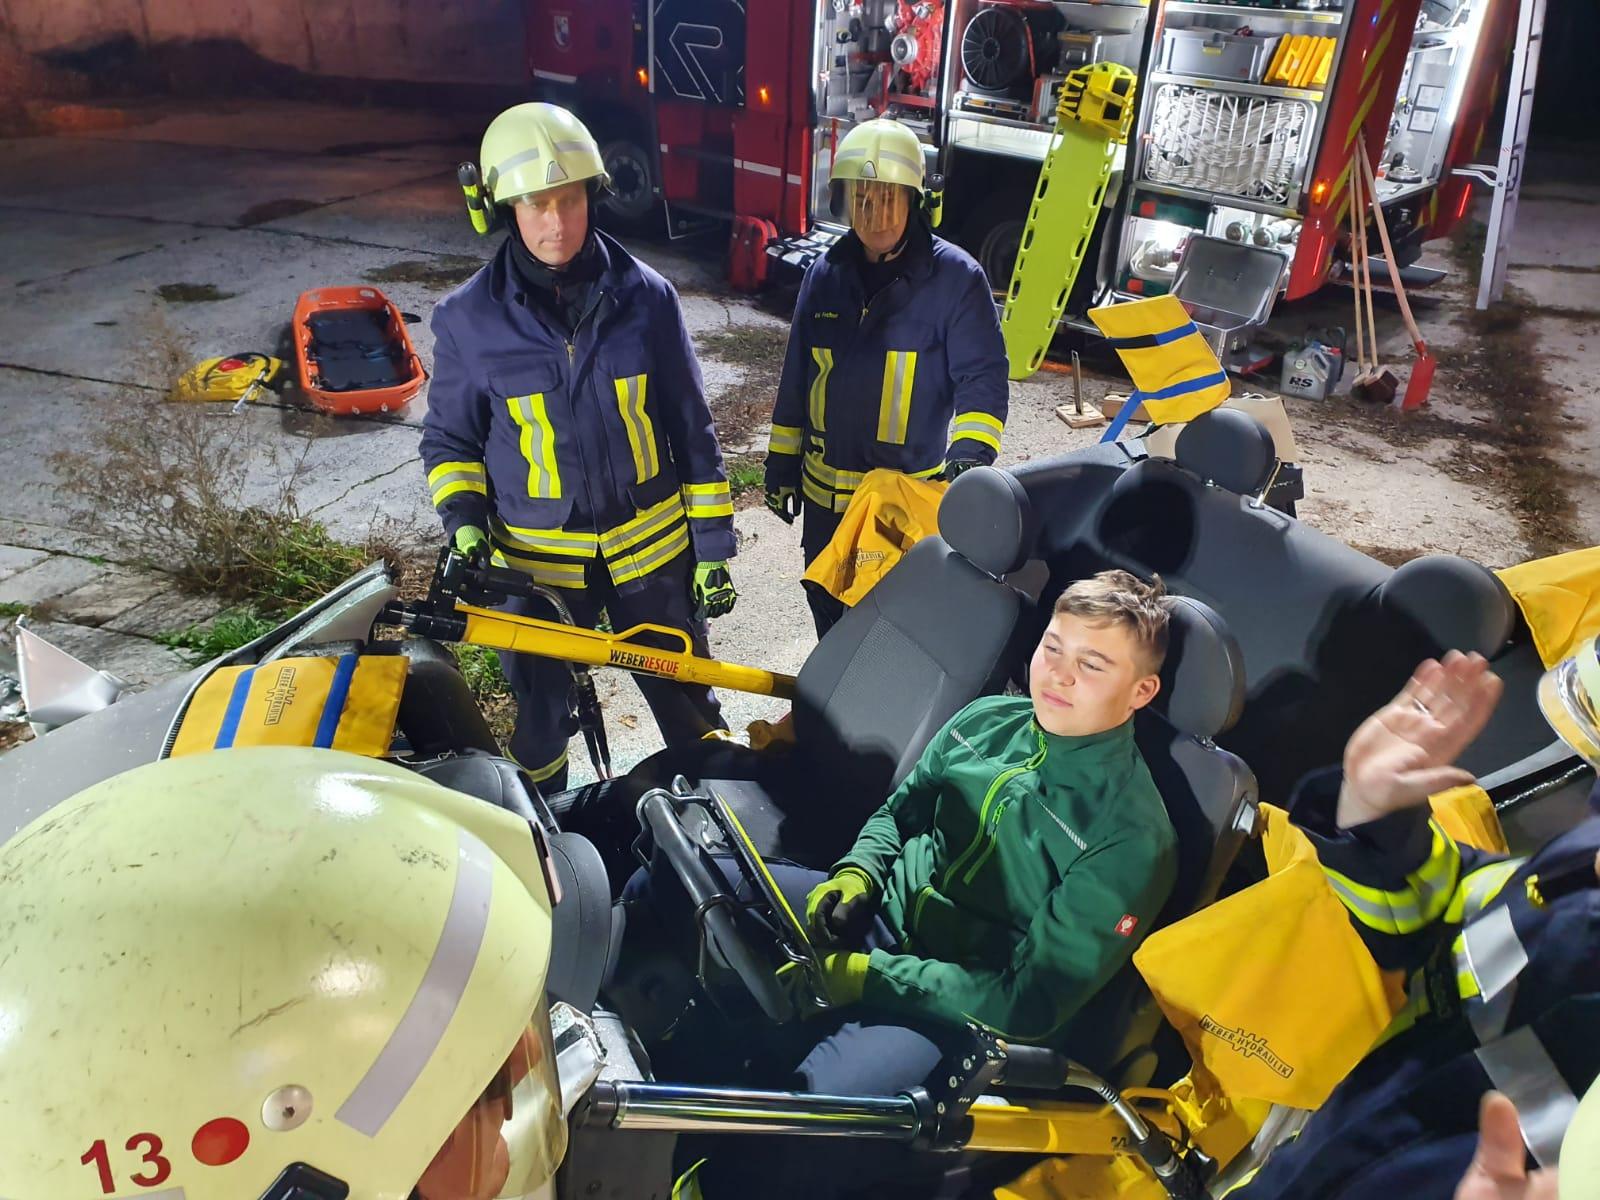 2019-10-23_Feuerwehr-trainiert-Verkehrsunfallhilfe_17